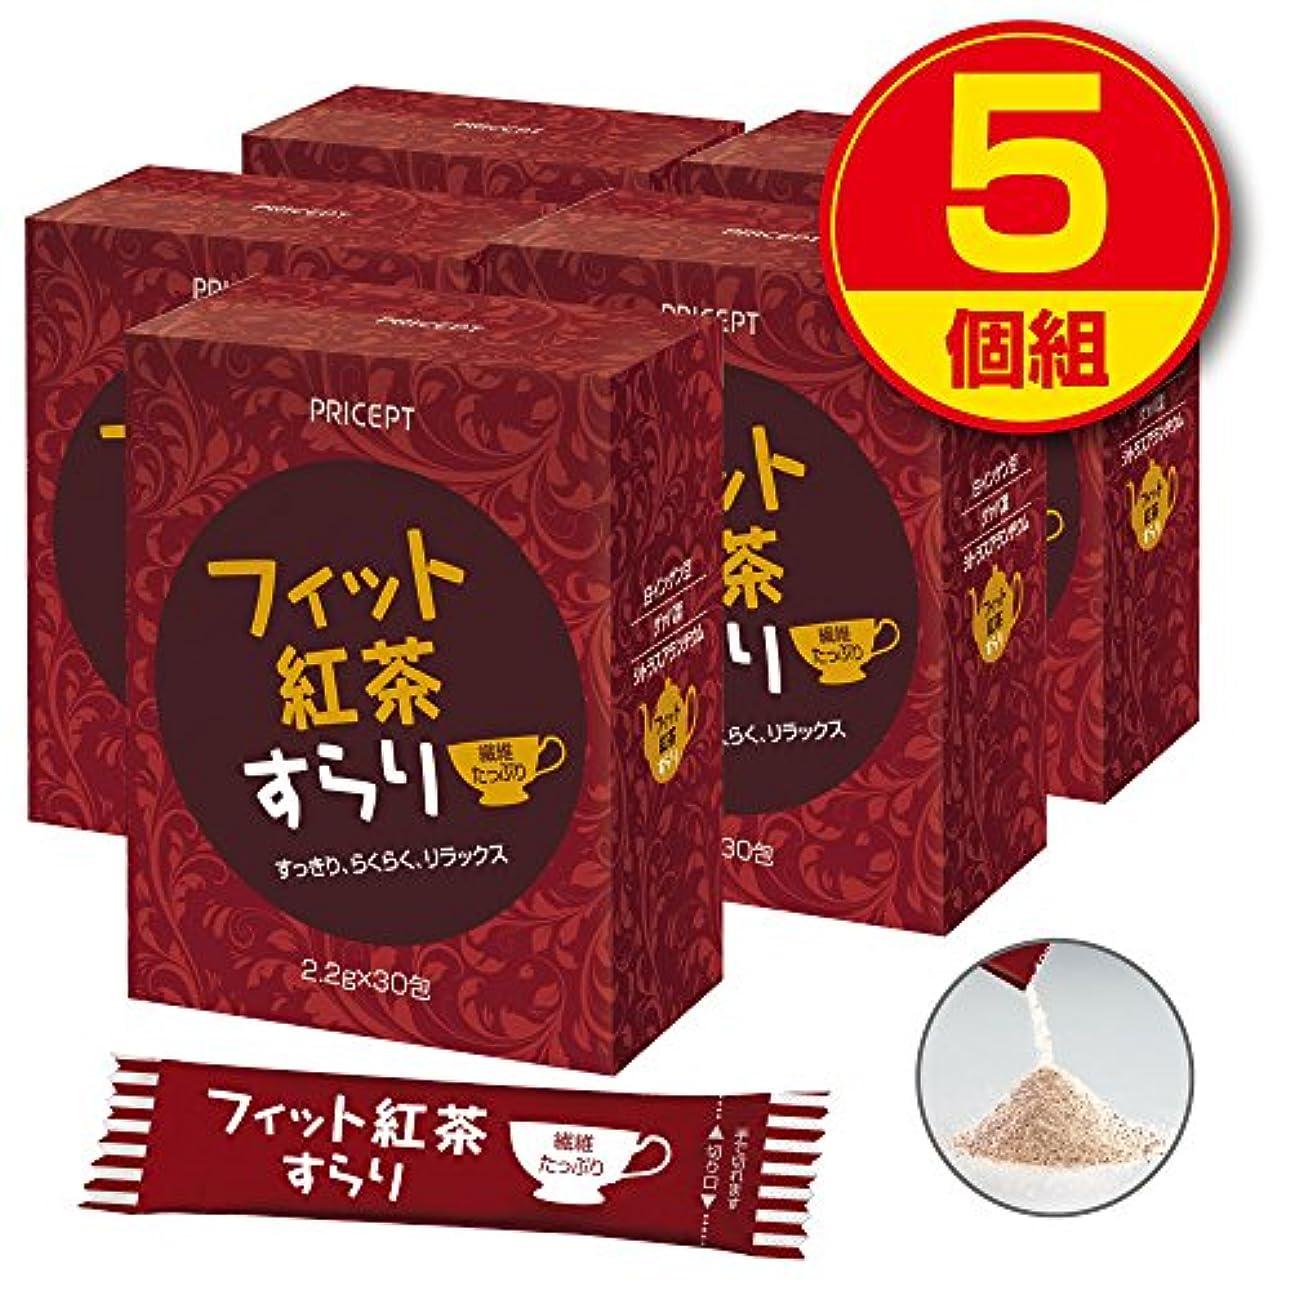 異邦人キラウエア山ラベンダープリセプト フィット紅茶すらり(30包)【5個組?150包】(食物繊維配合ダイエットサポート紅茶)